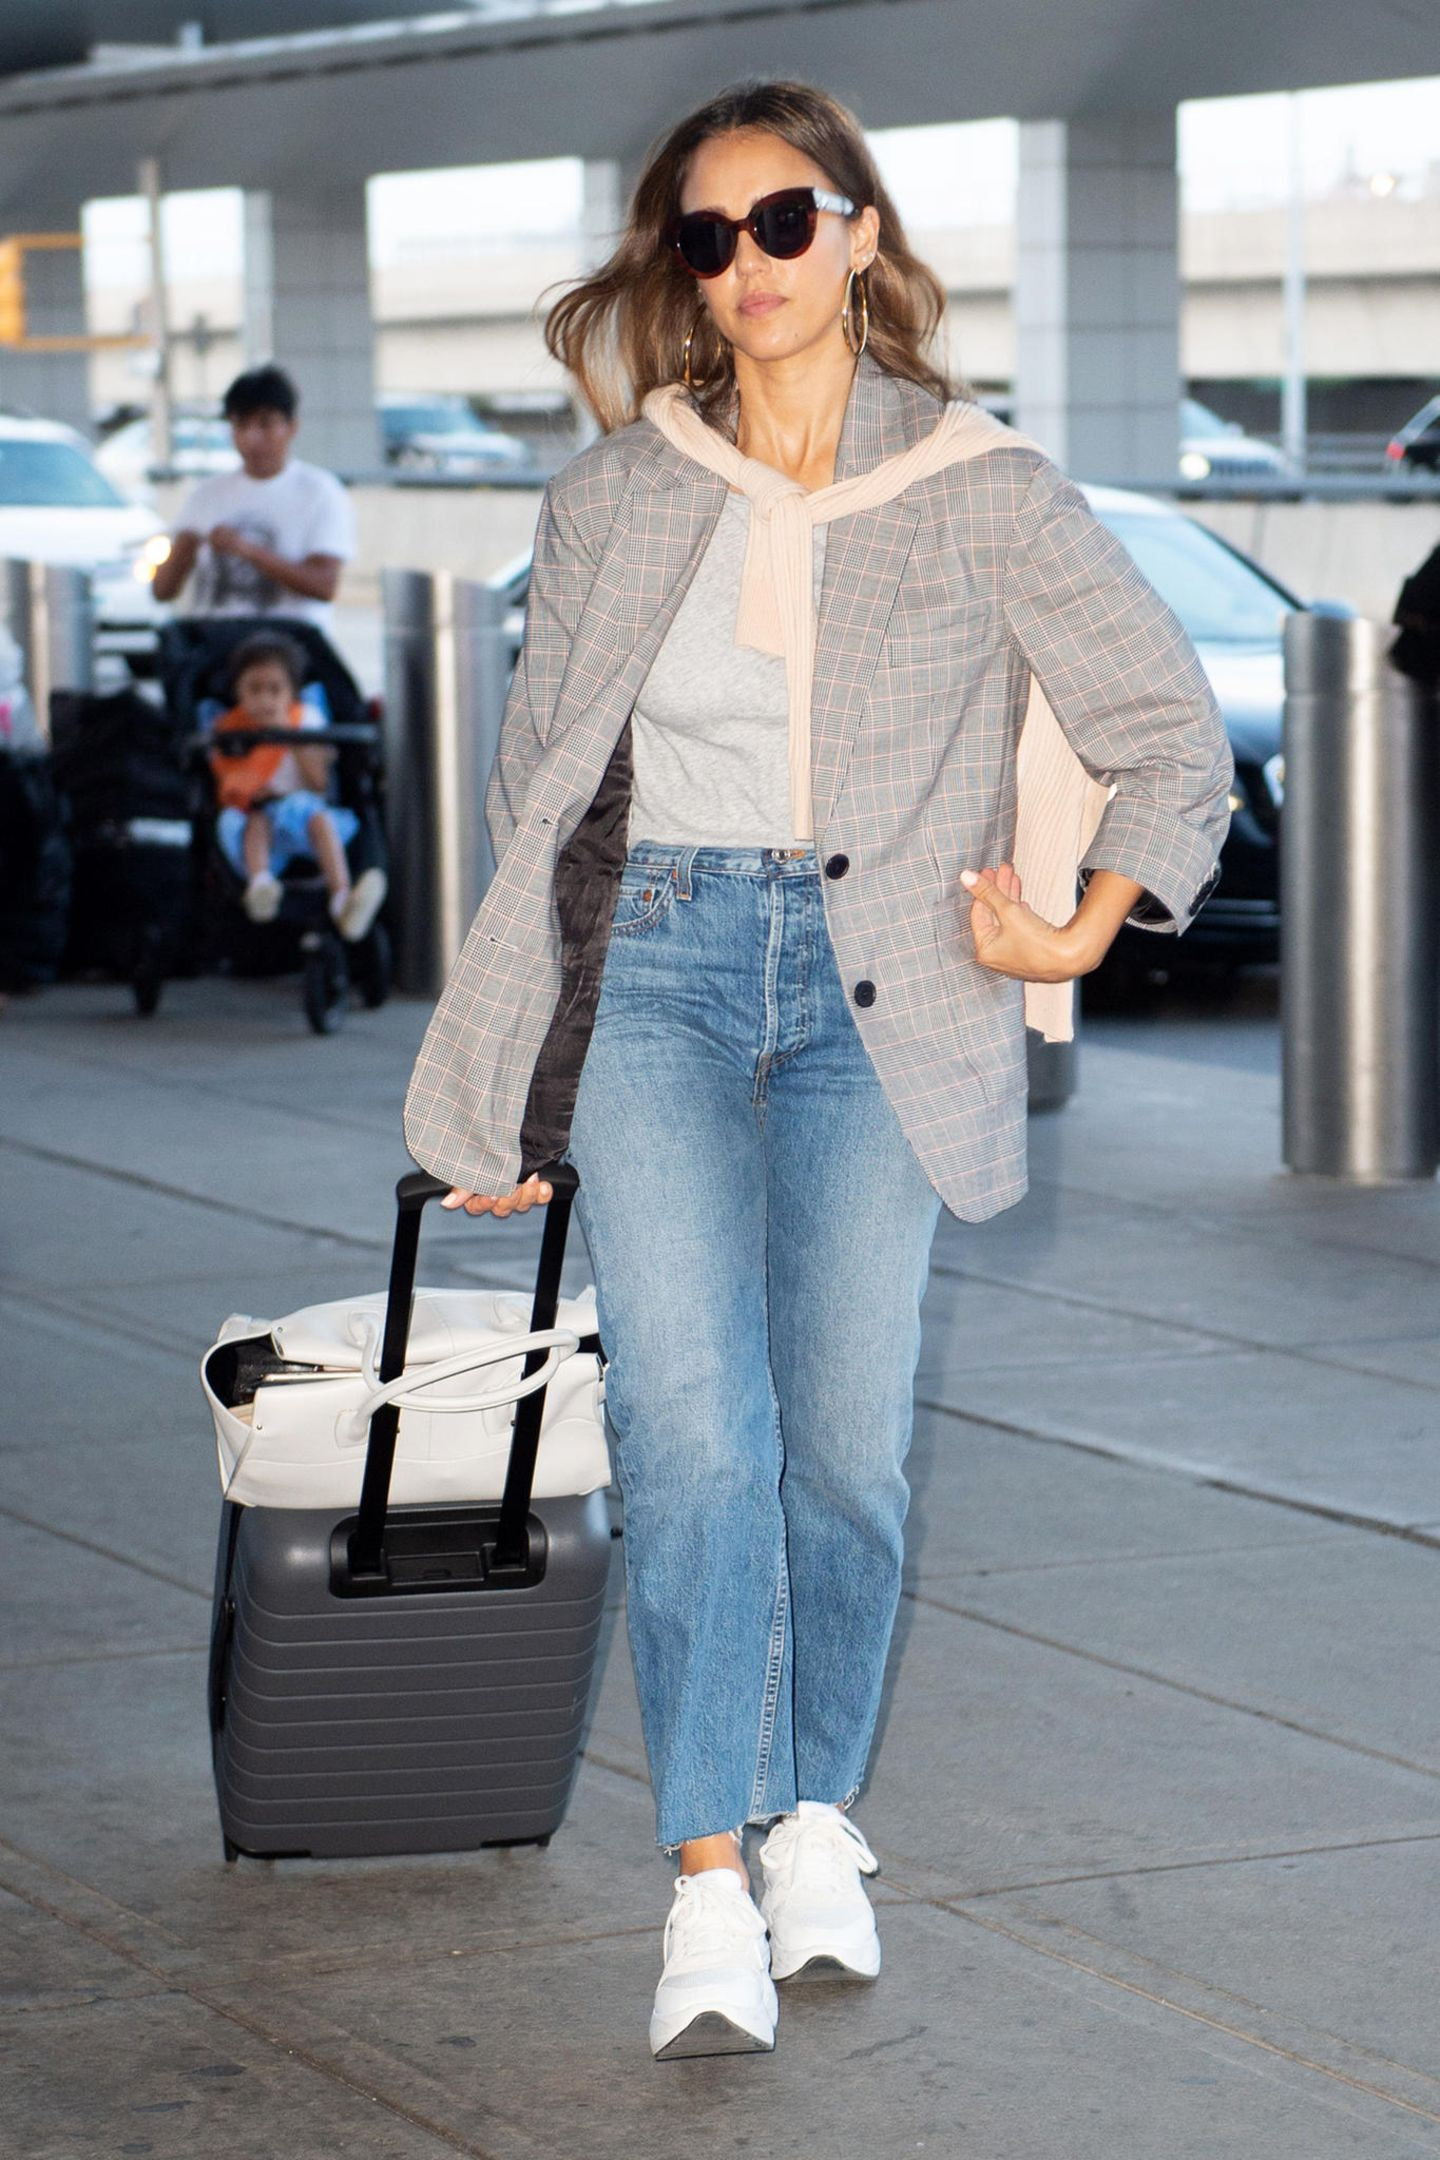 Für ihren Flug setzt Jessica Alba auf ein gemütlicheres Outfit: Ihr weißes T-Shirt hat sie gegen ein graues Modell gewechselt, ihre Jeans zu einer Variante mit ausgefranstem Saum und ihre Plateau-Sandalen hat die Schauspieleringegen weiße Sneaker ausgetauscht.